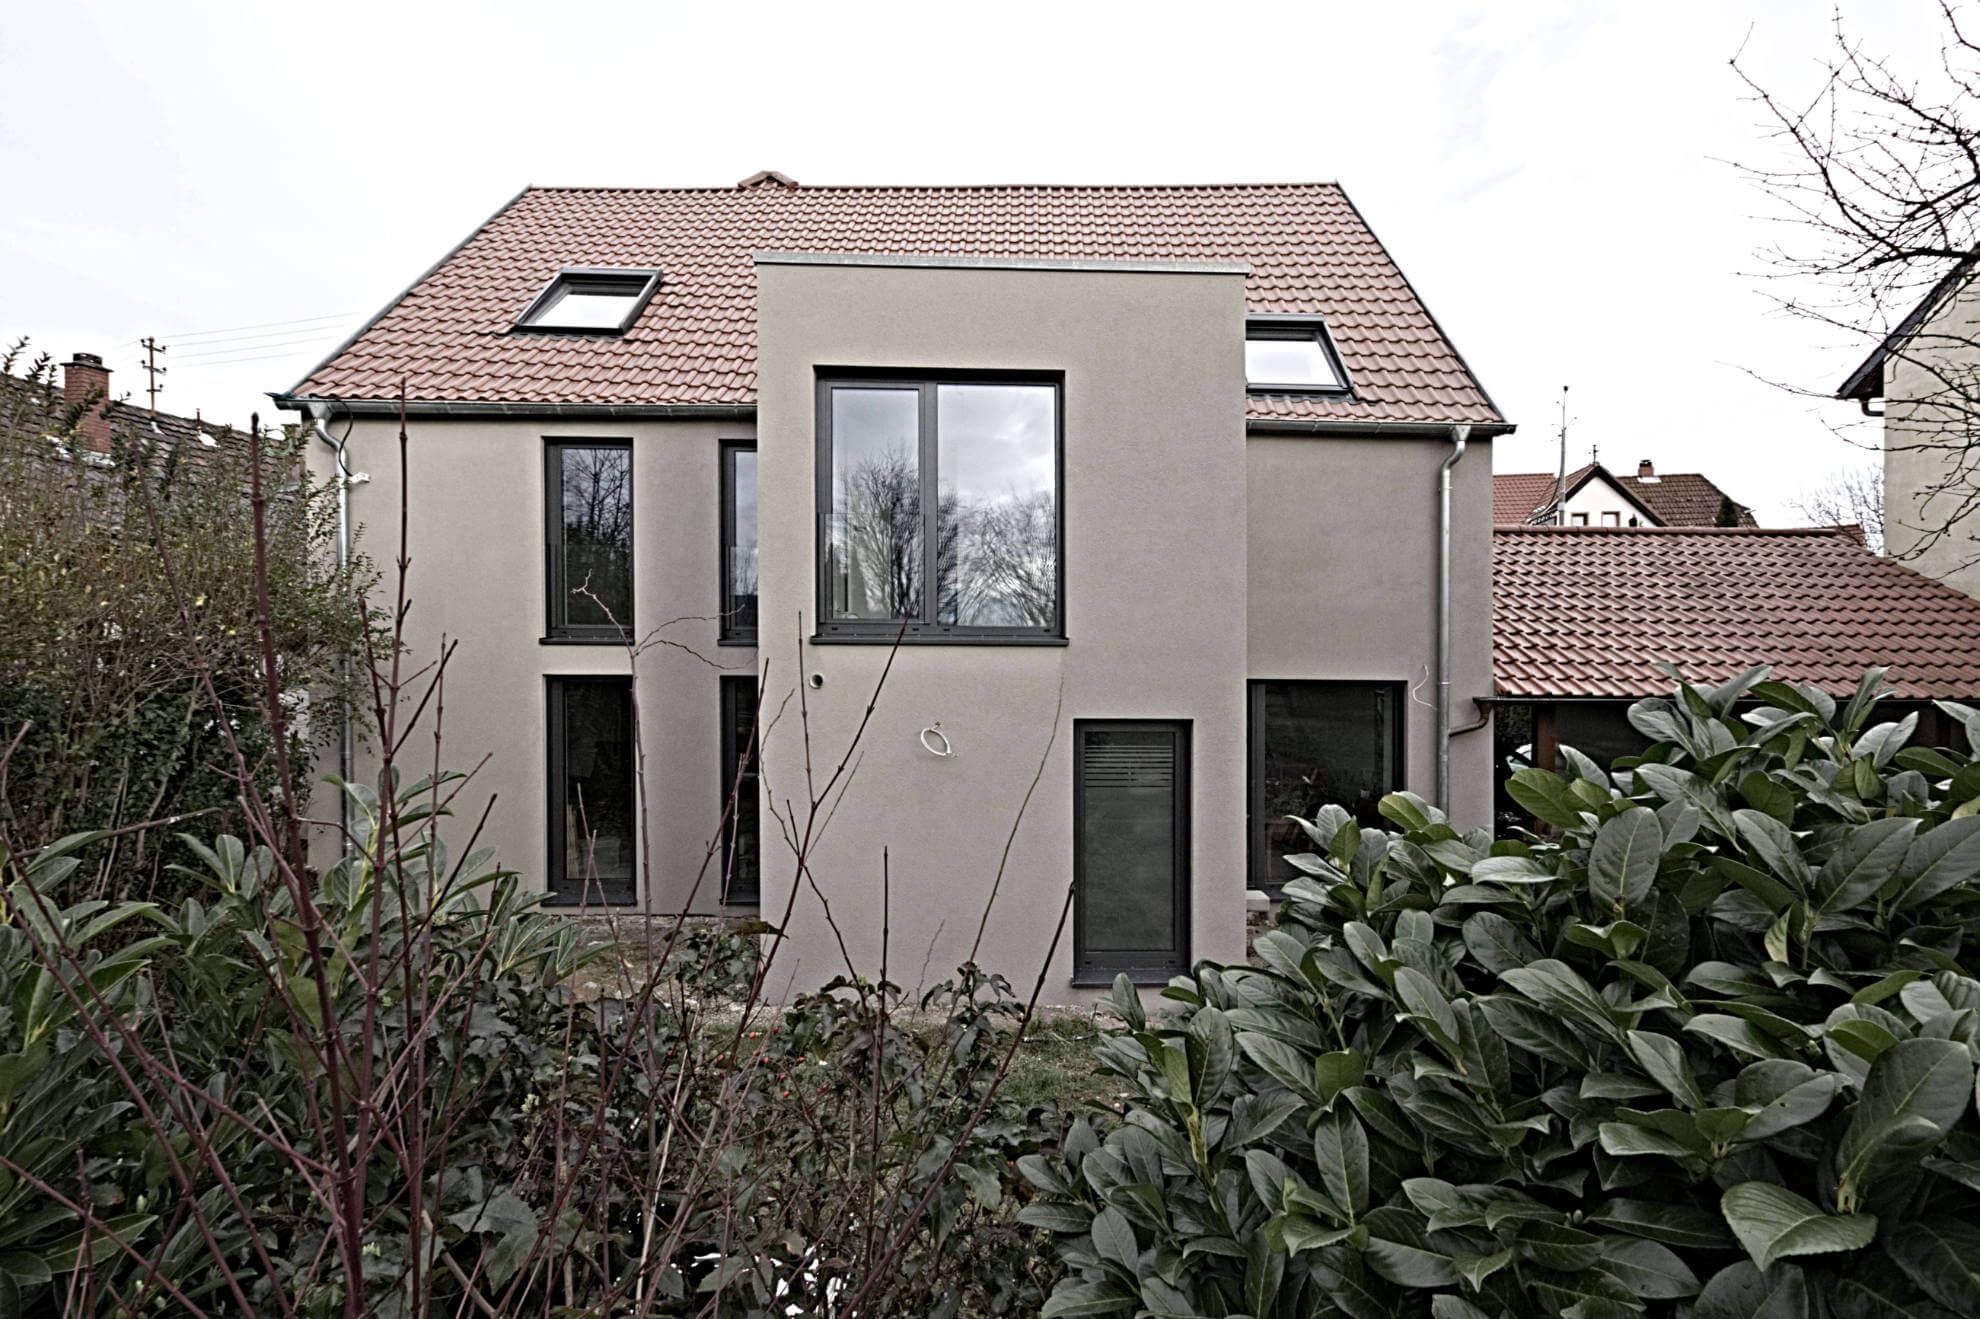 her-a-01-marcbetz architekten